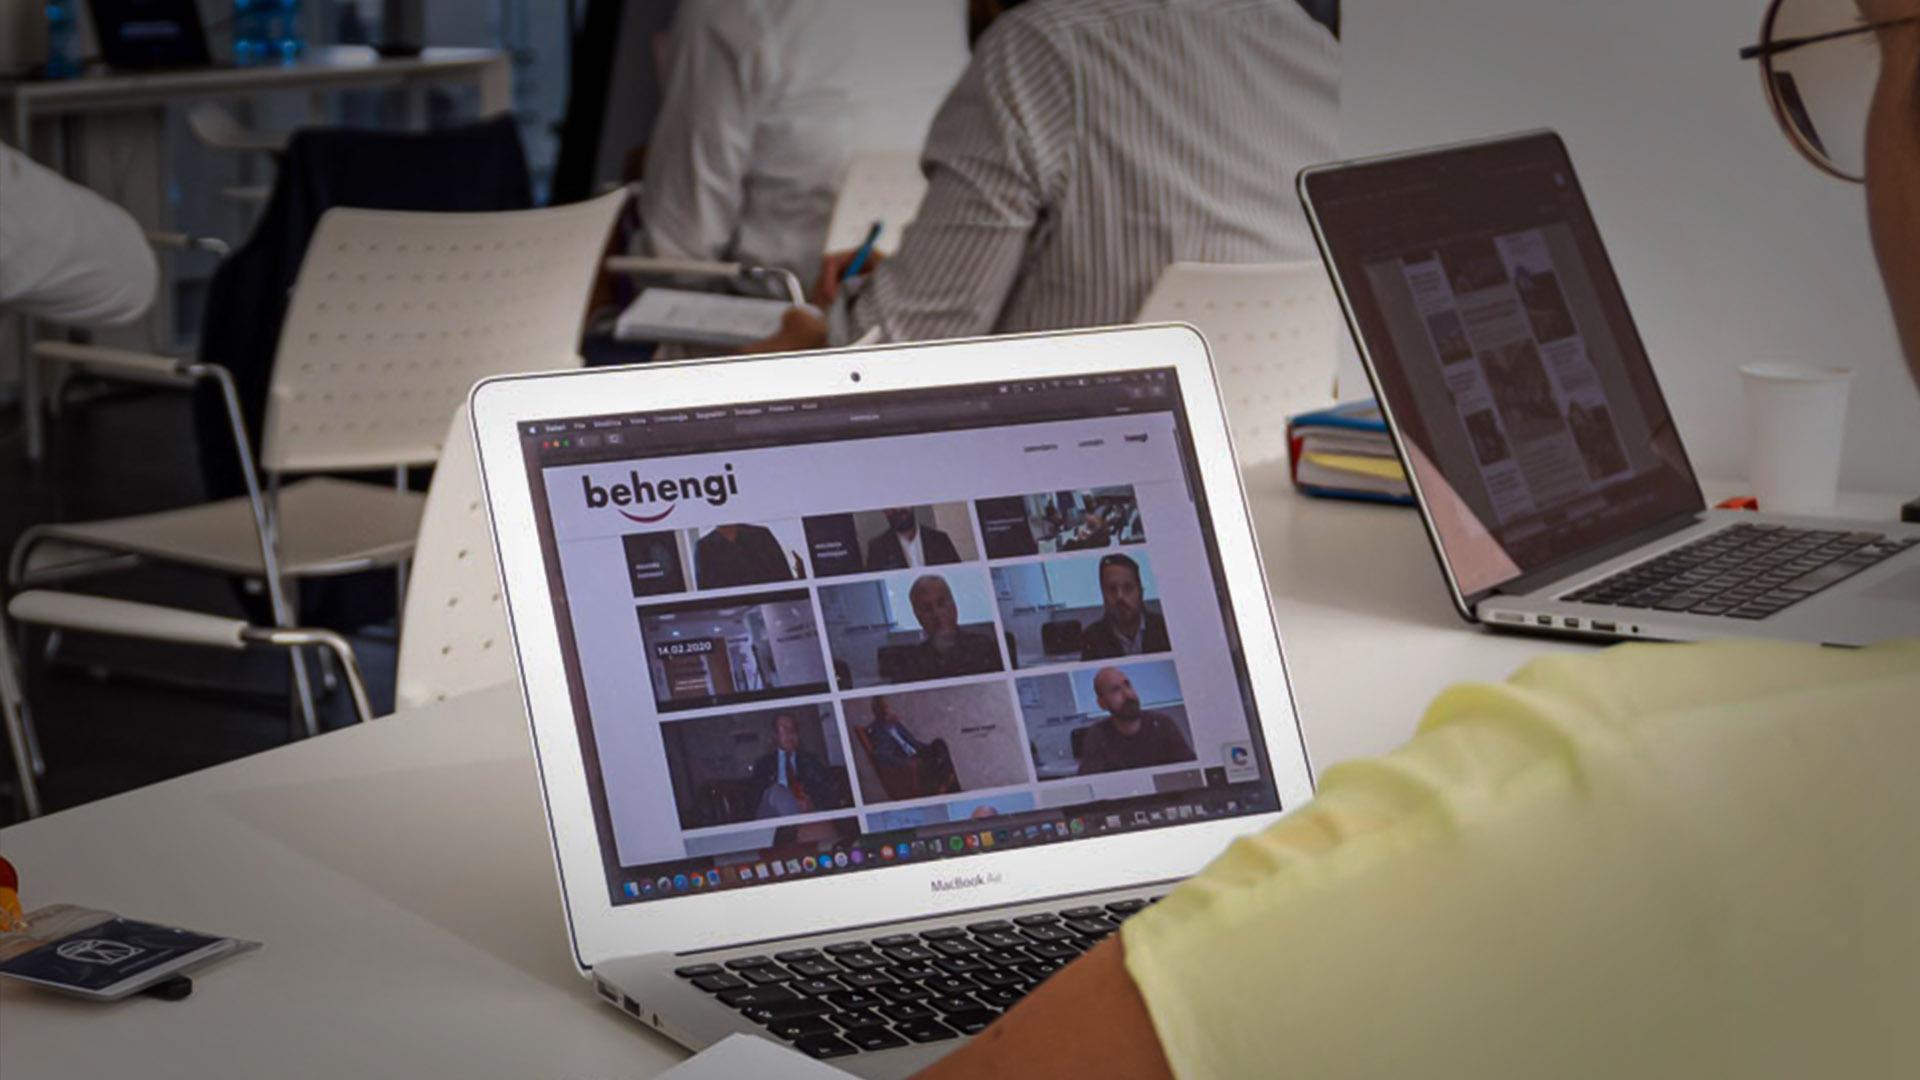 behengi: L'innovazione radicale nelle aziende contemporanee